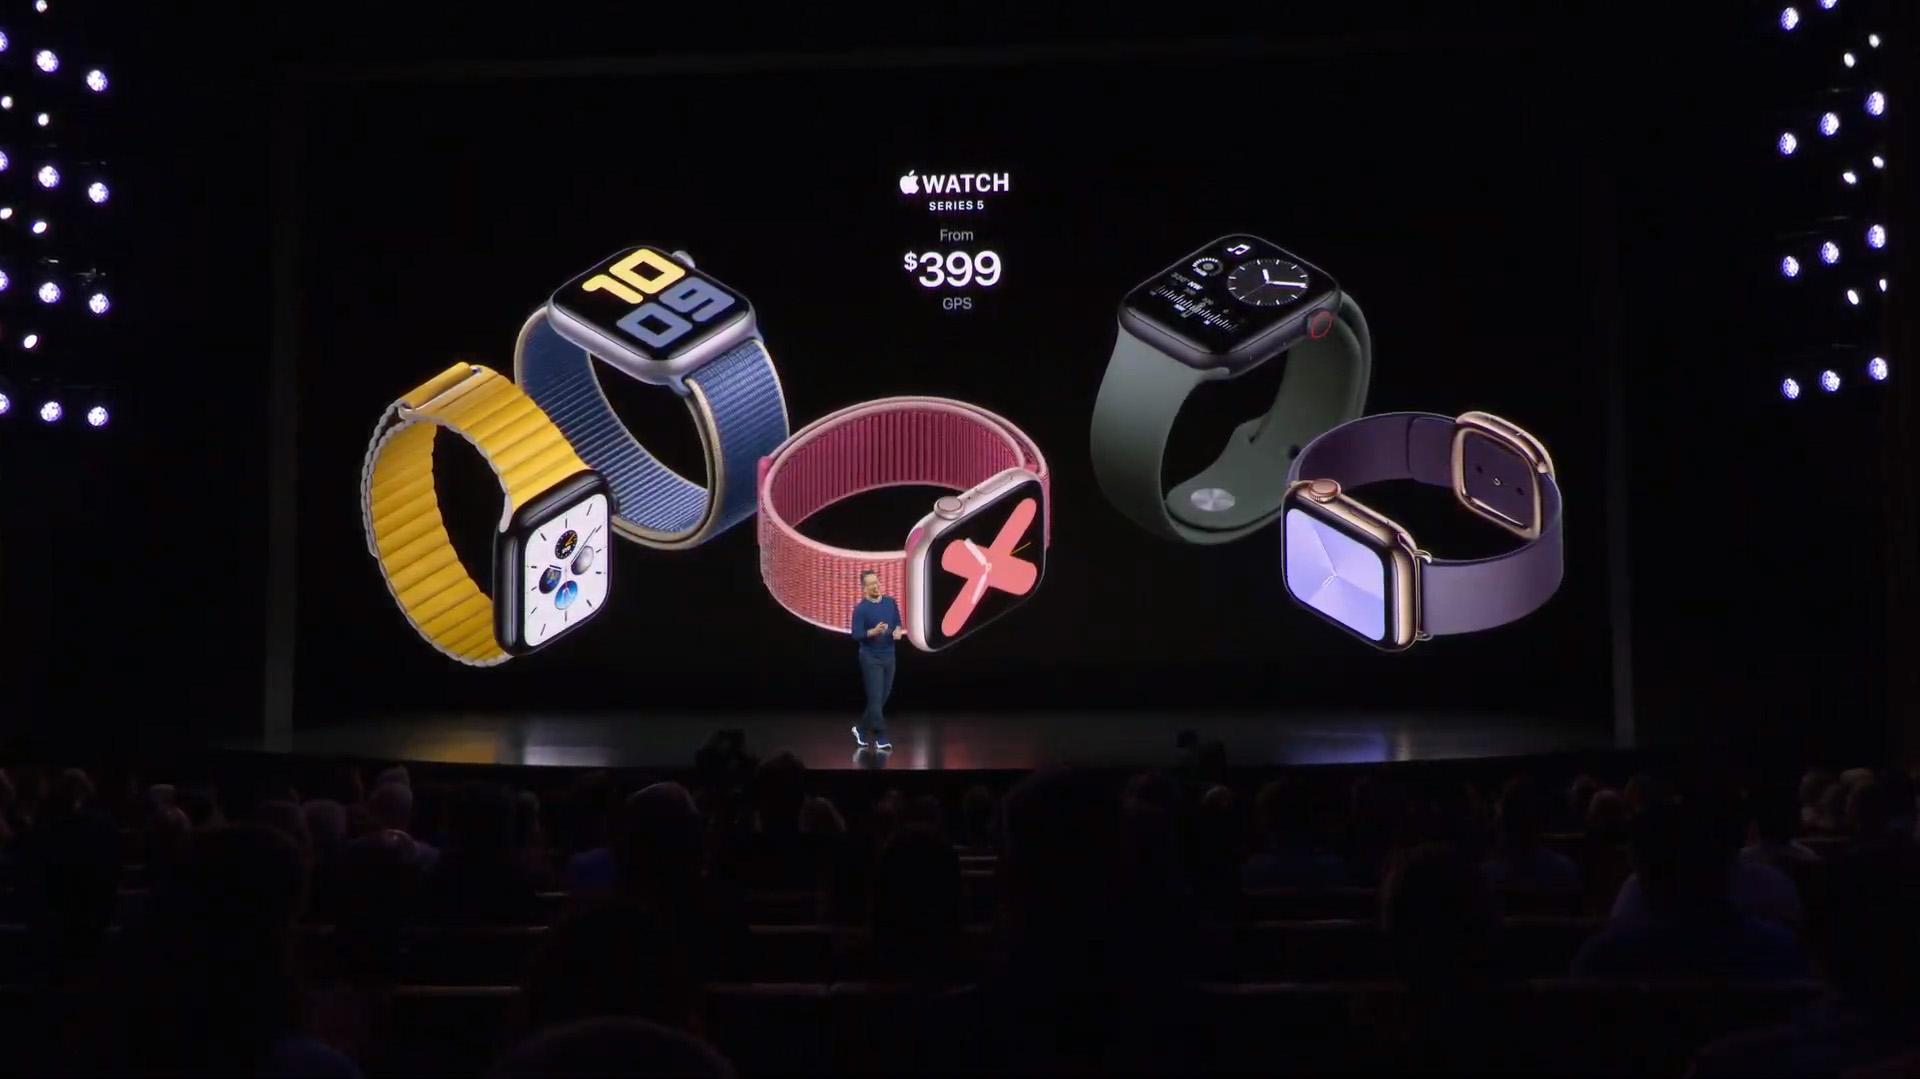 El Apple Watch Series 5 costará USD 399 con GPS y a USD 499 para el que ofrece conexión celular